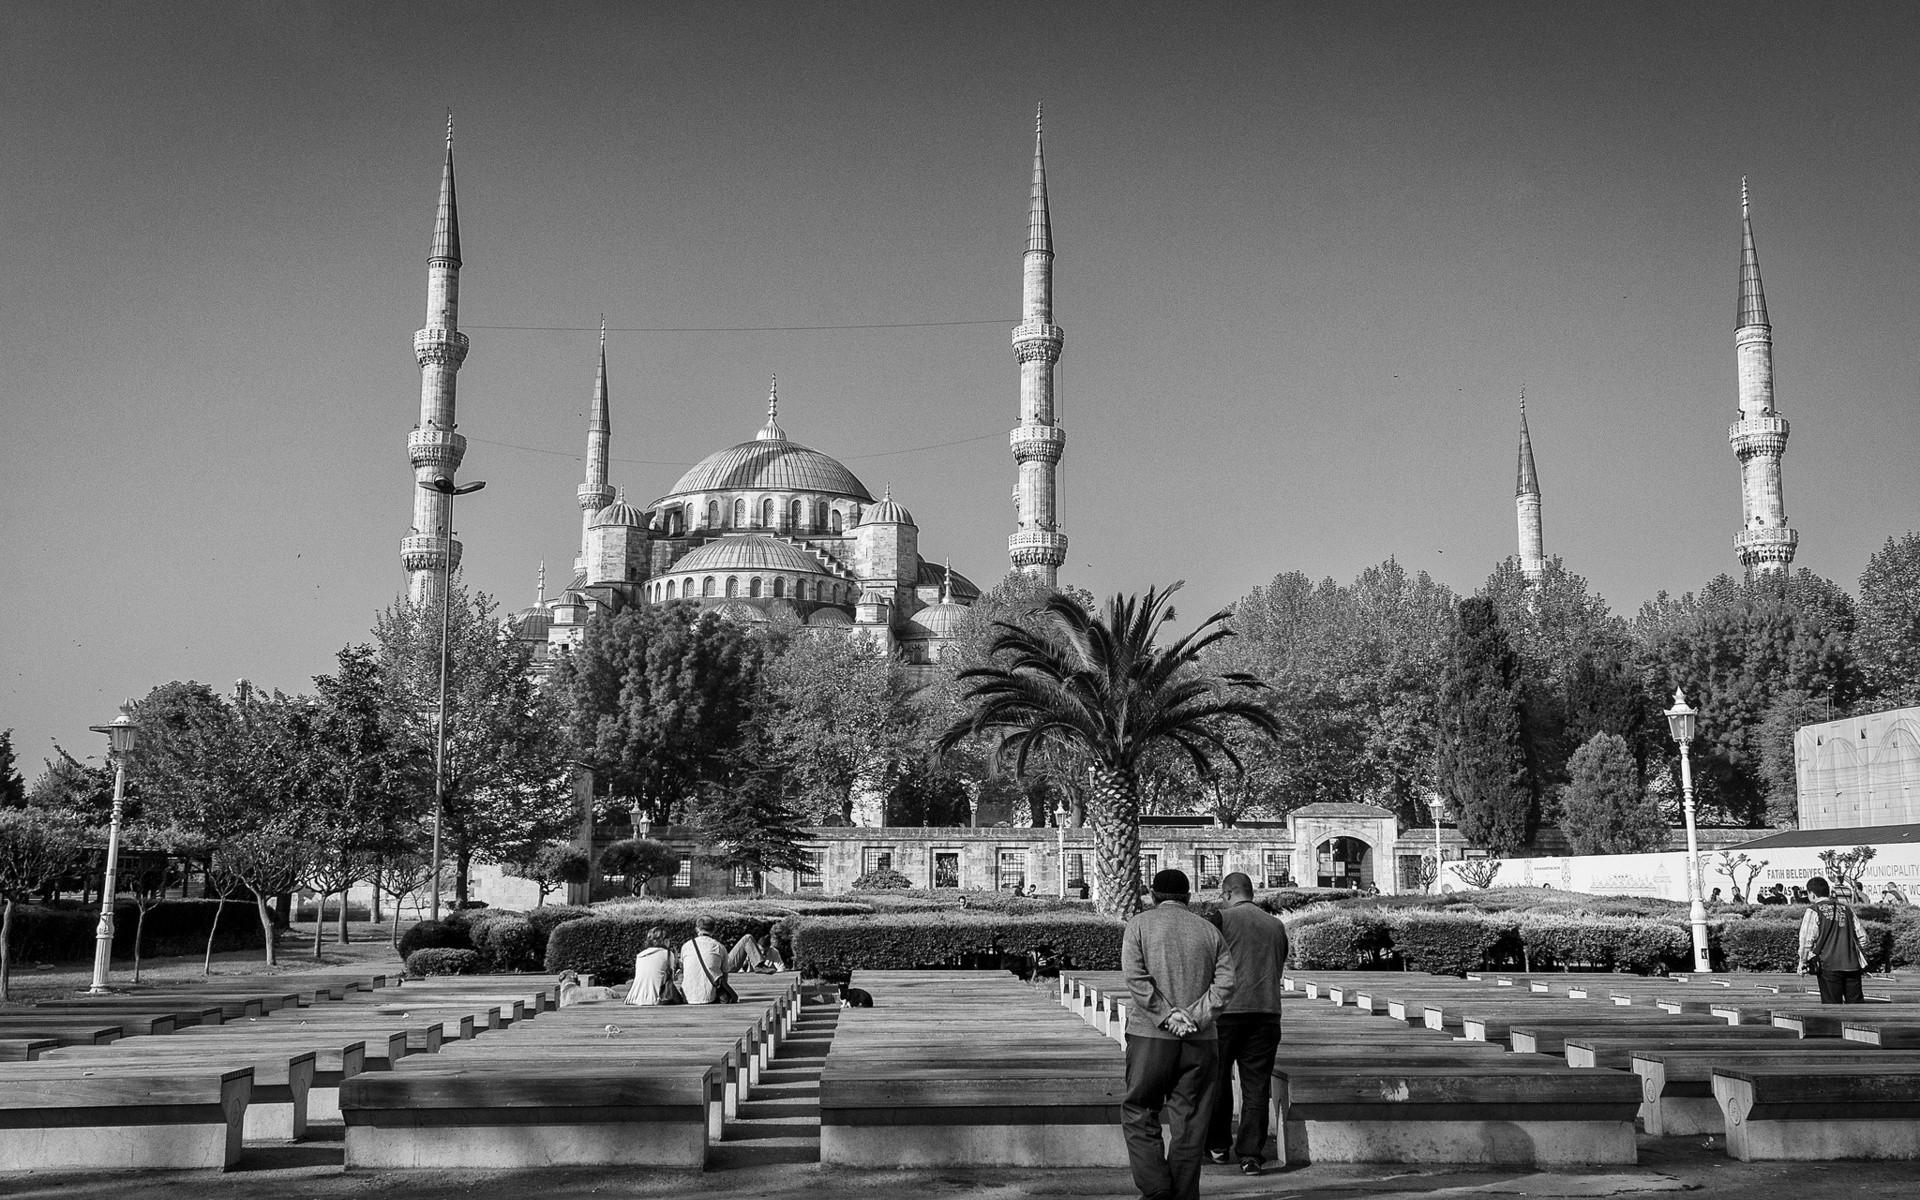 Картинки Турция, Стамбул, здание, черный белый, люди, архитектура фото и обои на рабочий стол